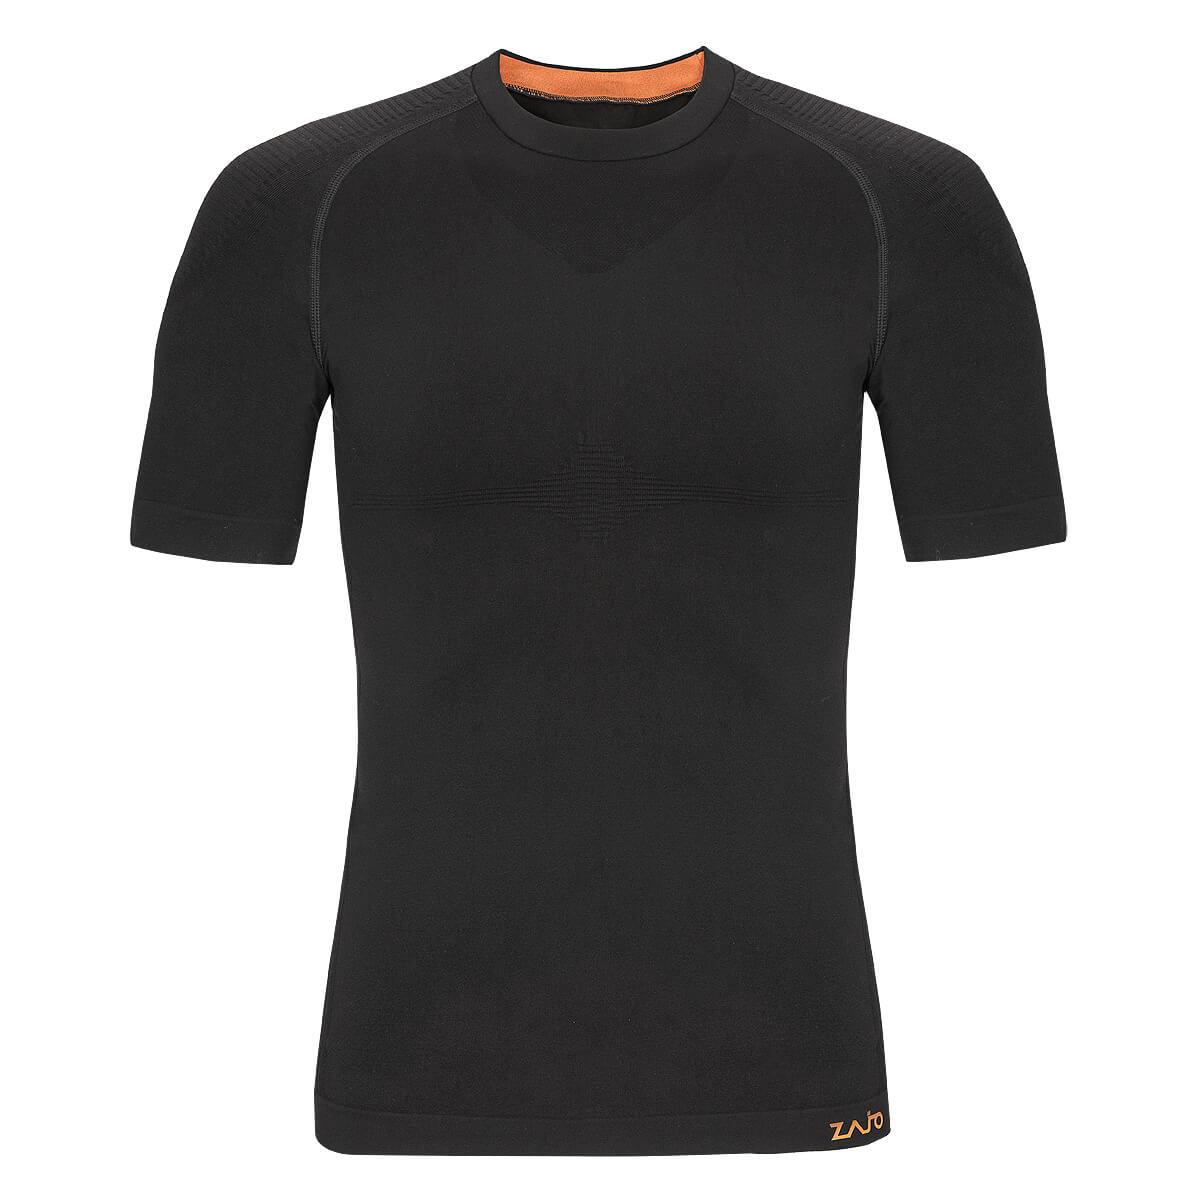 Pánske tričko Zajo Contour M T-shirt SS Black - veľkosť S